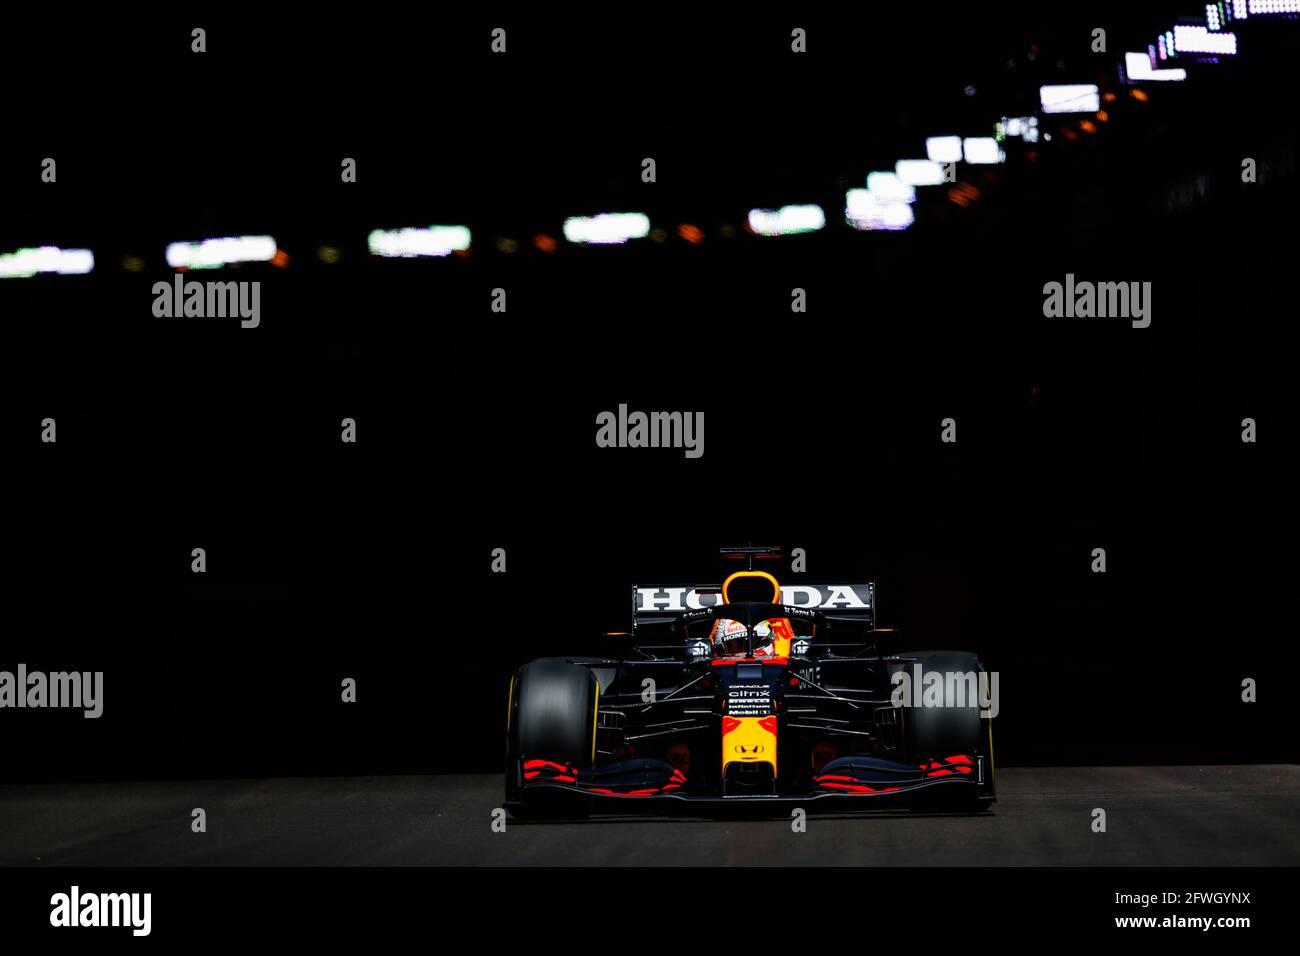 33 VERSTAPPEN Max (nld), Red Bull Racing Honda RB16B, Aktion während der Formel-1-Weltmeisterschaft 2021, Grand Prix von Monaco vom 20. Bis 23. Mai in Monaco - Foto Florent Gooden / DPPI Stockfoto